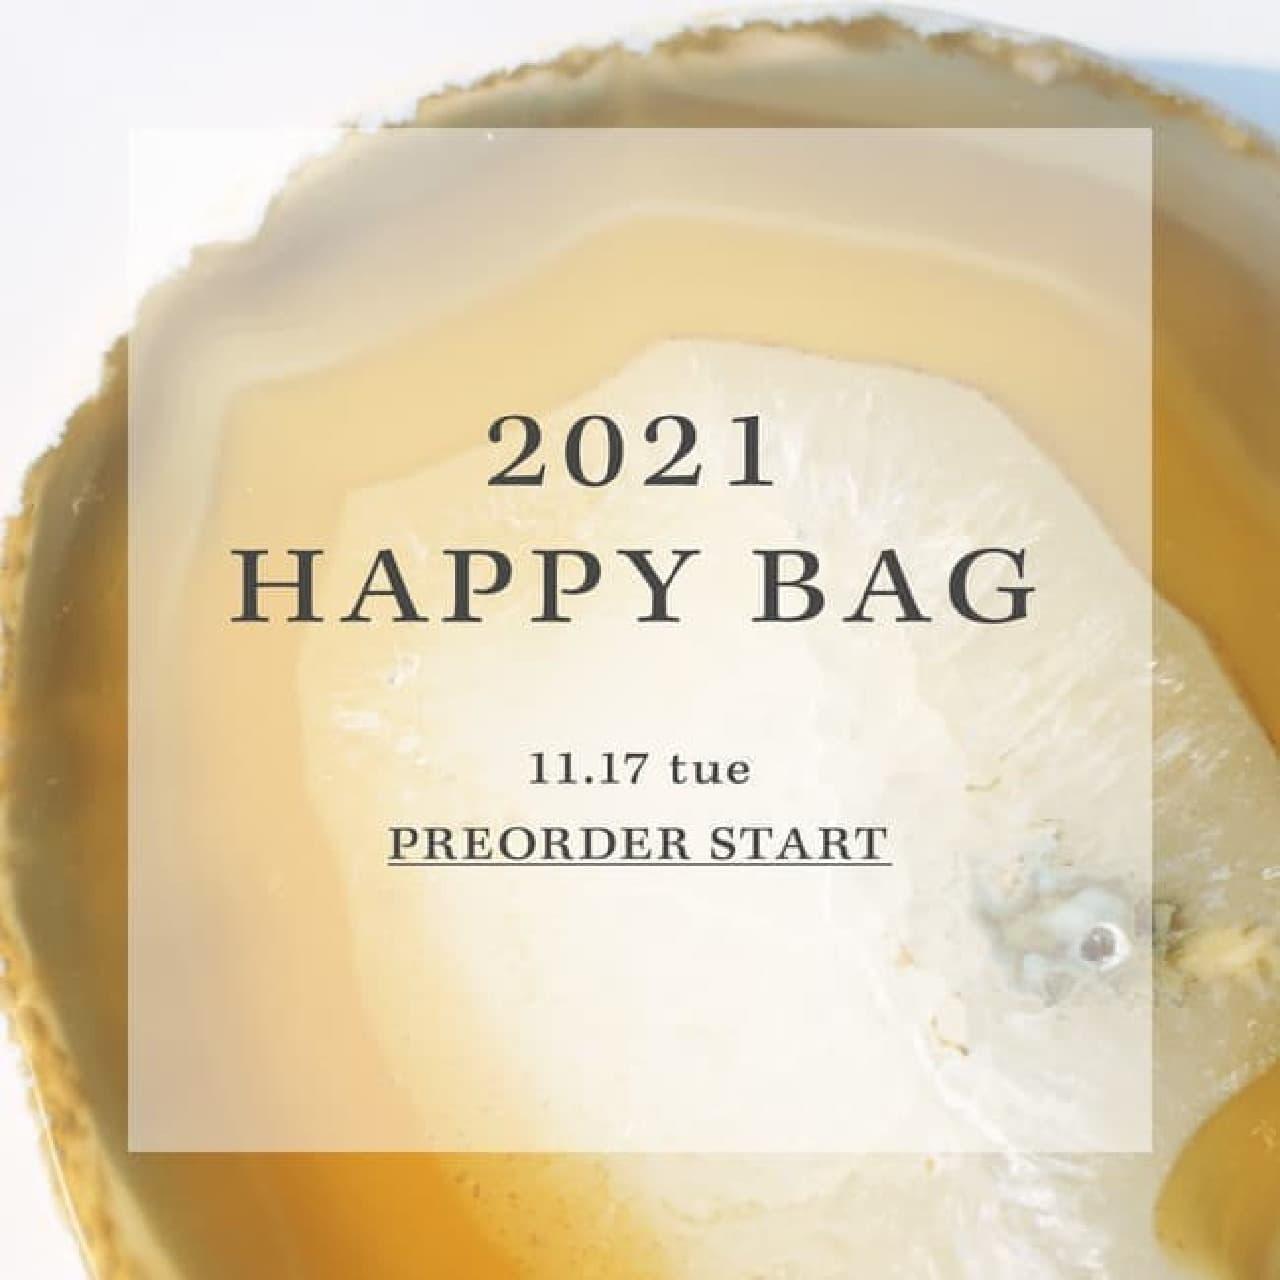 スナイデルが「SNIDEL 2021 福袋」を発表 -- ワンピースやニットップスなどの5点セット